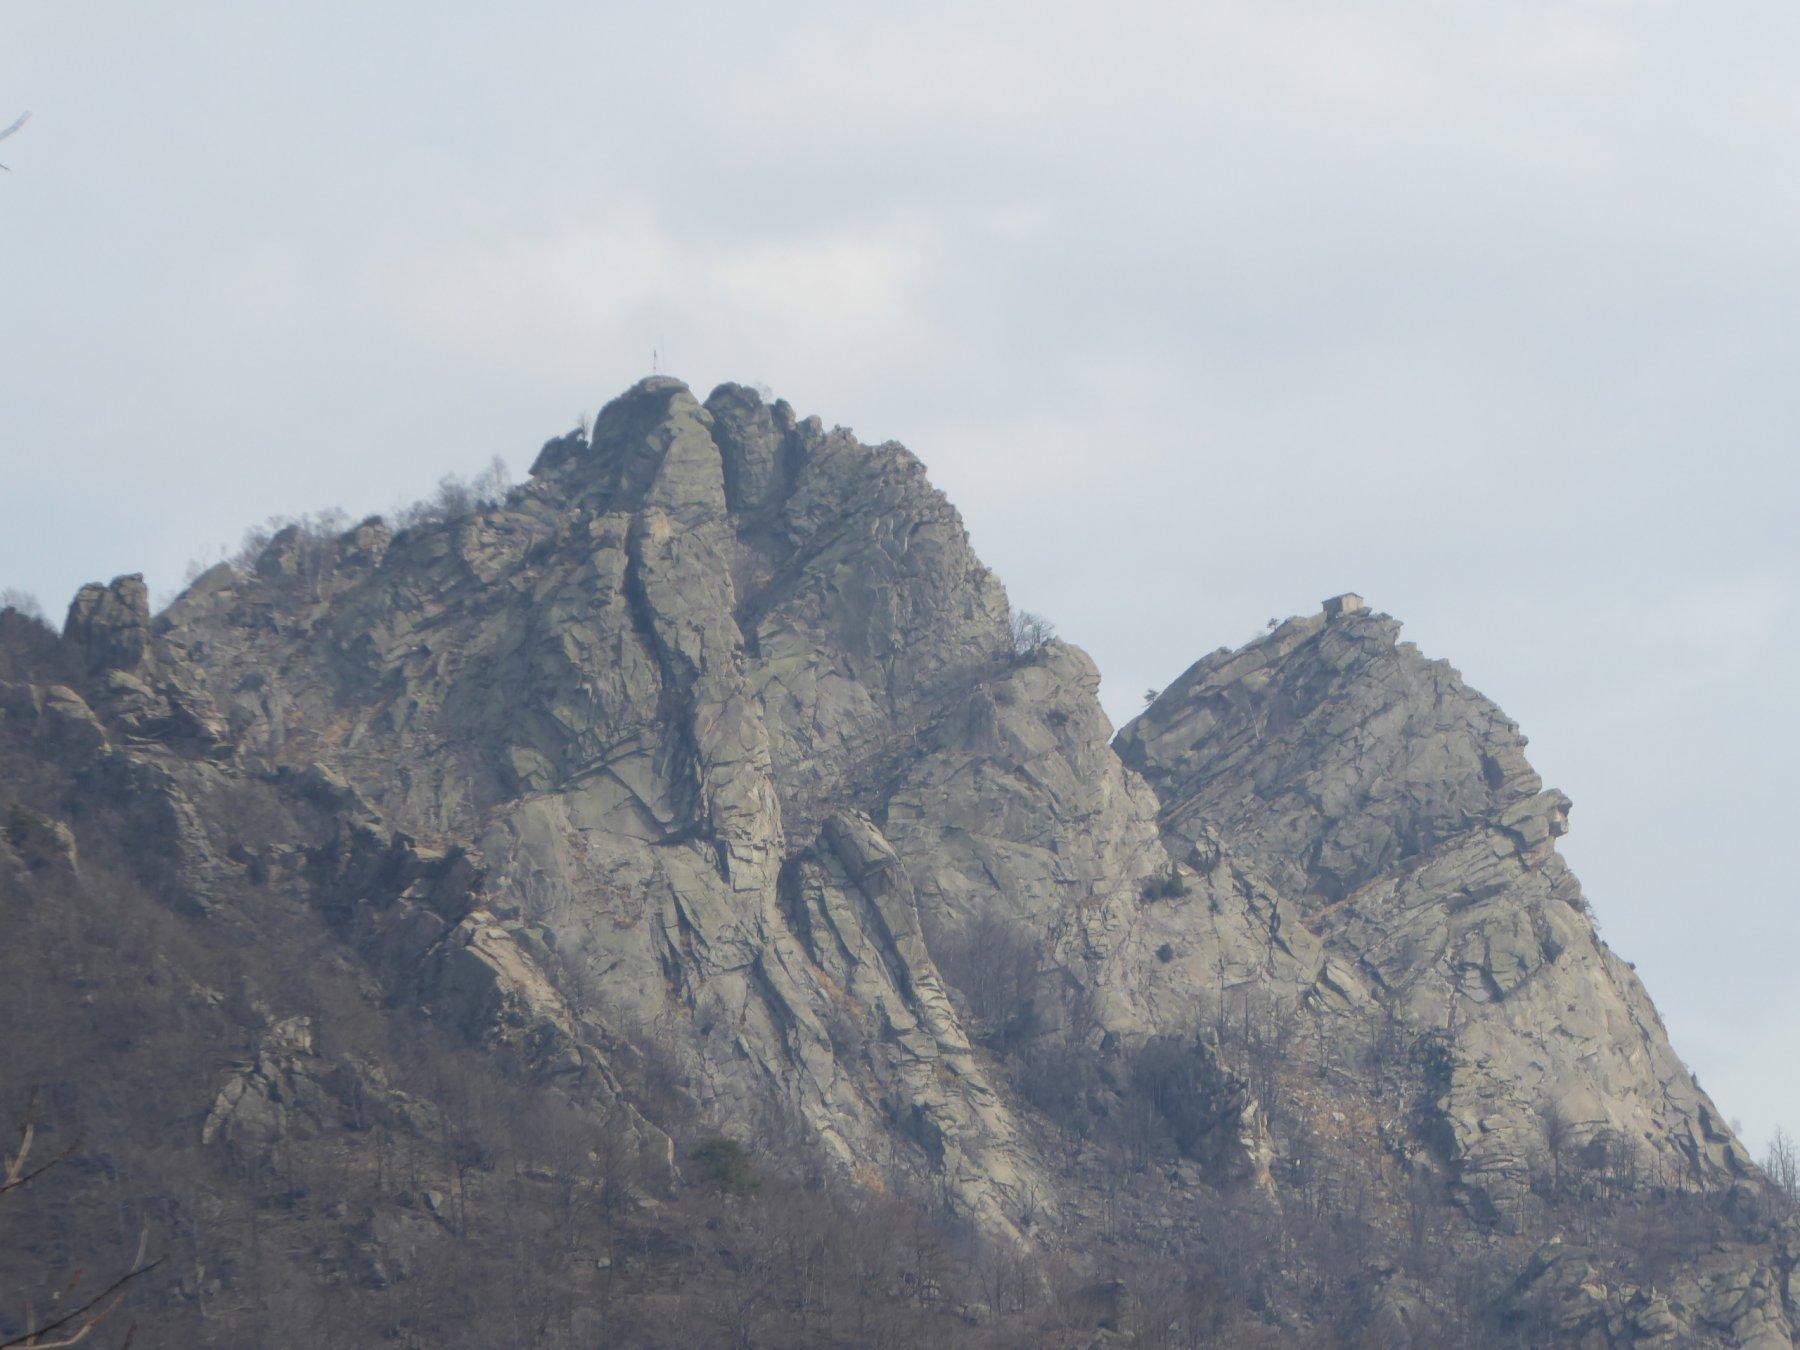 a sinistra il dente (1361 m) salito, a destra quello con la cappella (1343 m)